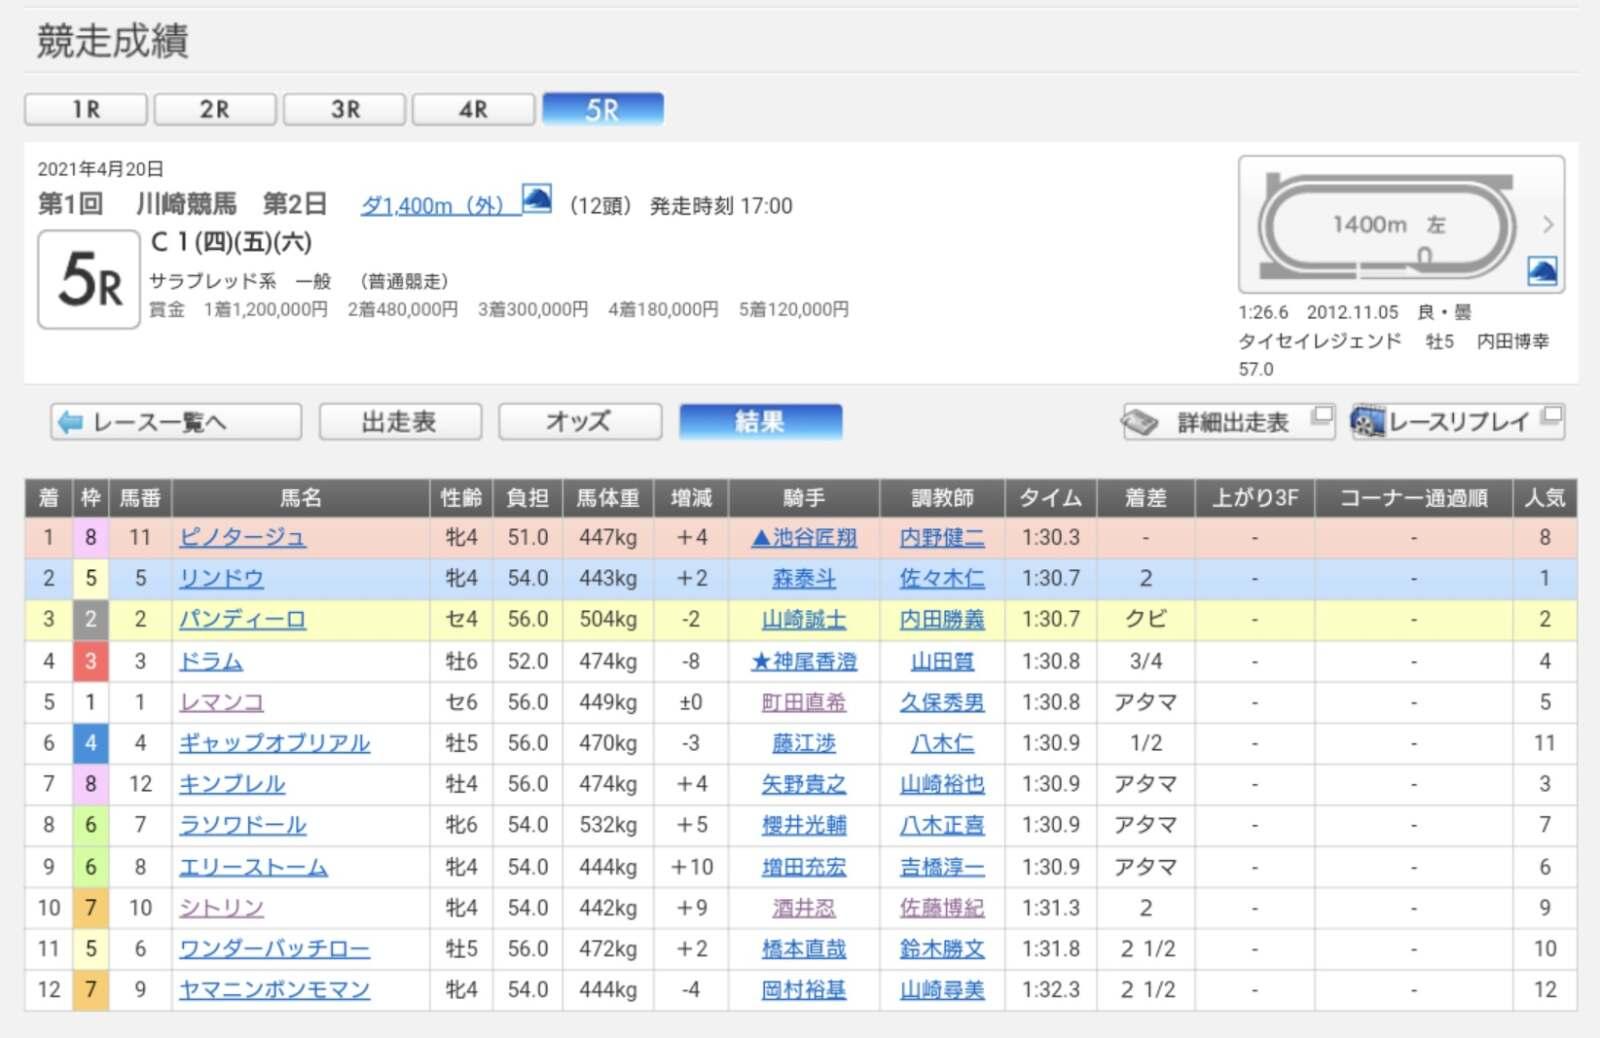 川崎5R成績表